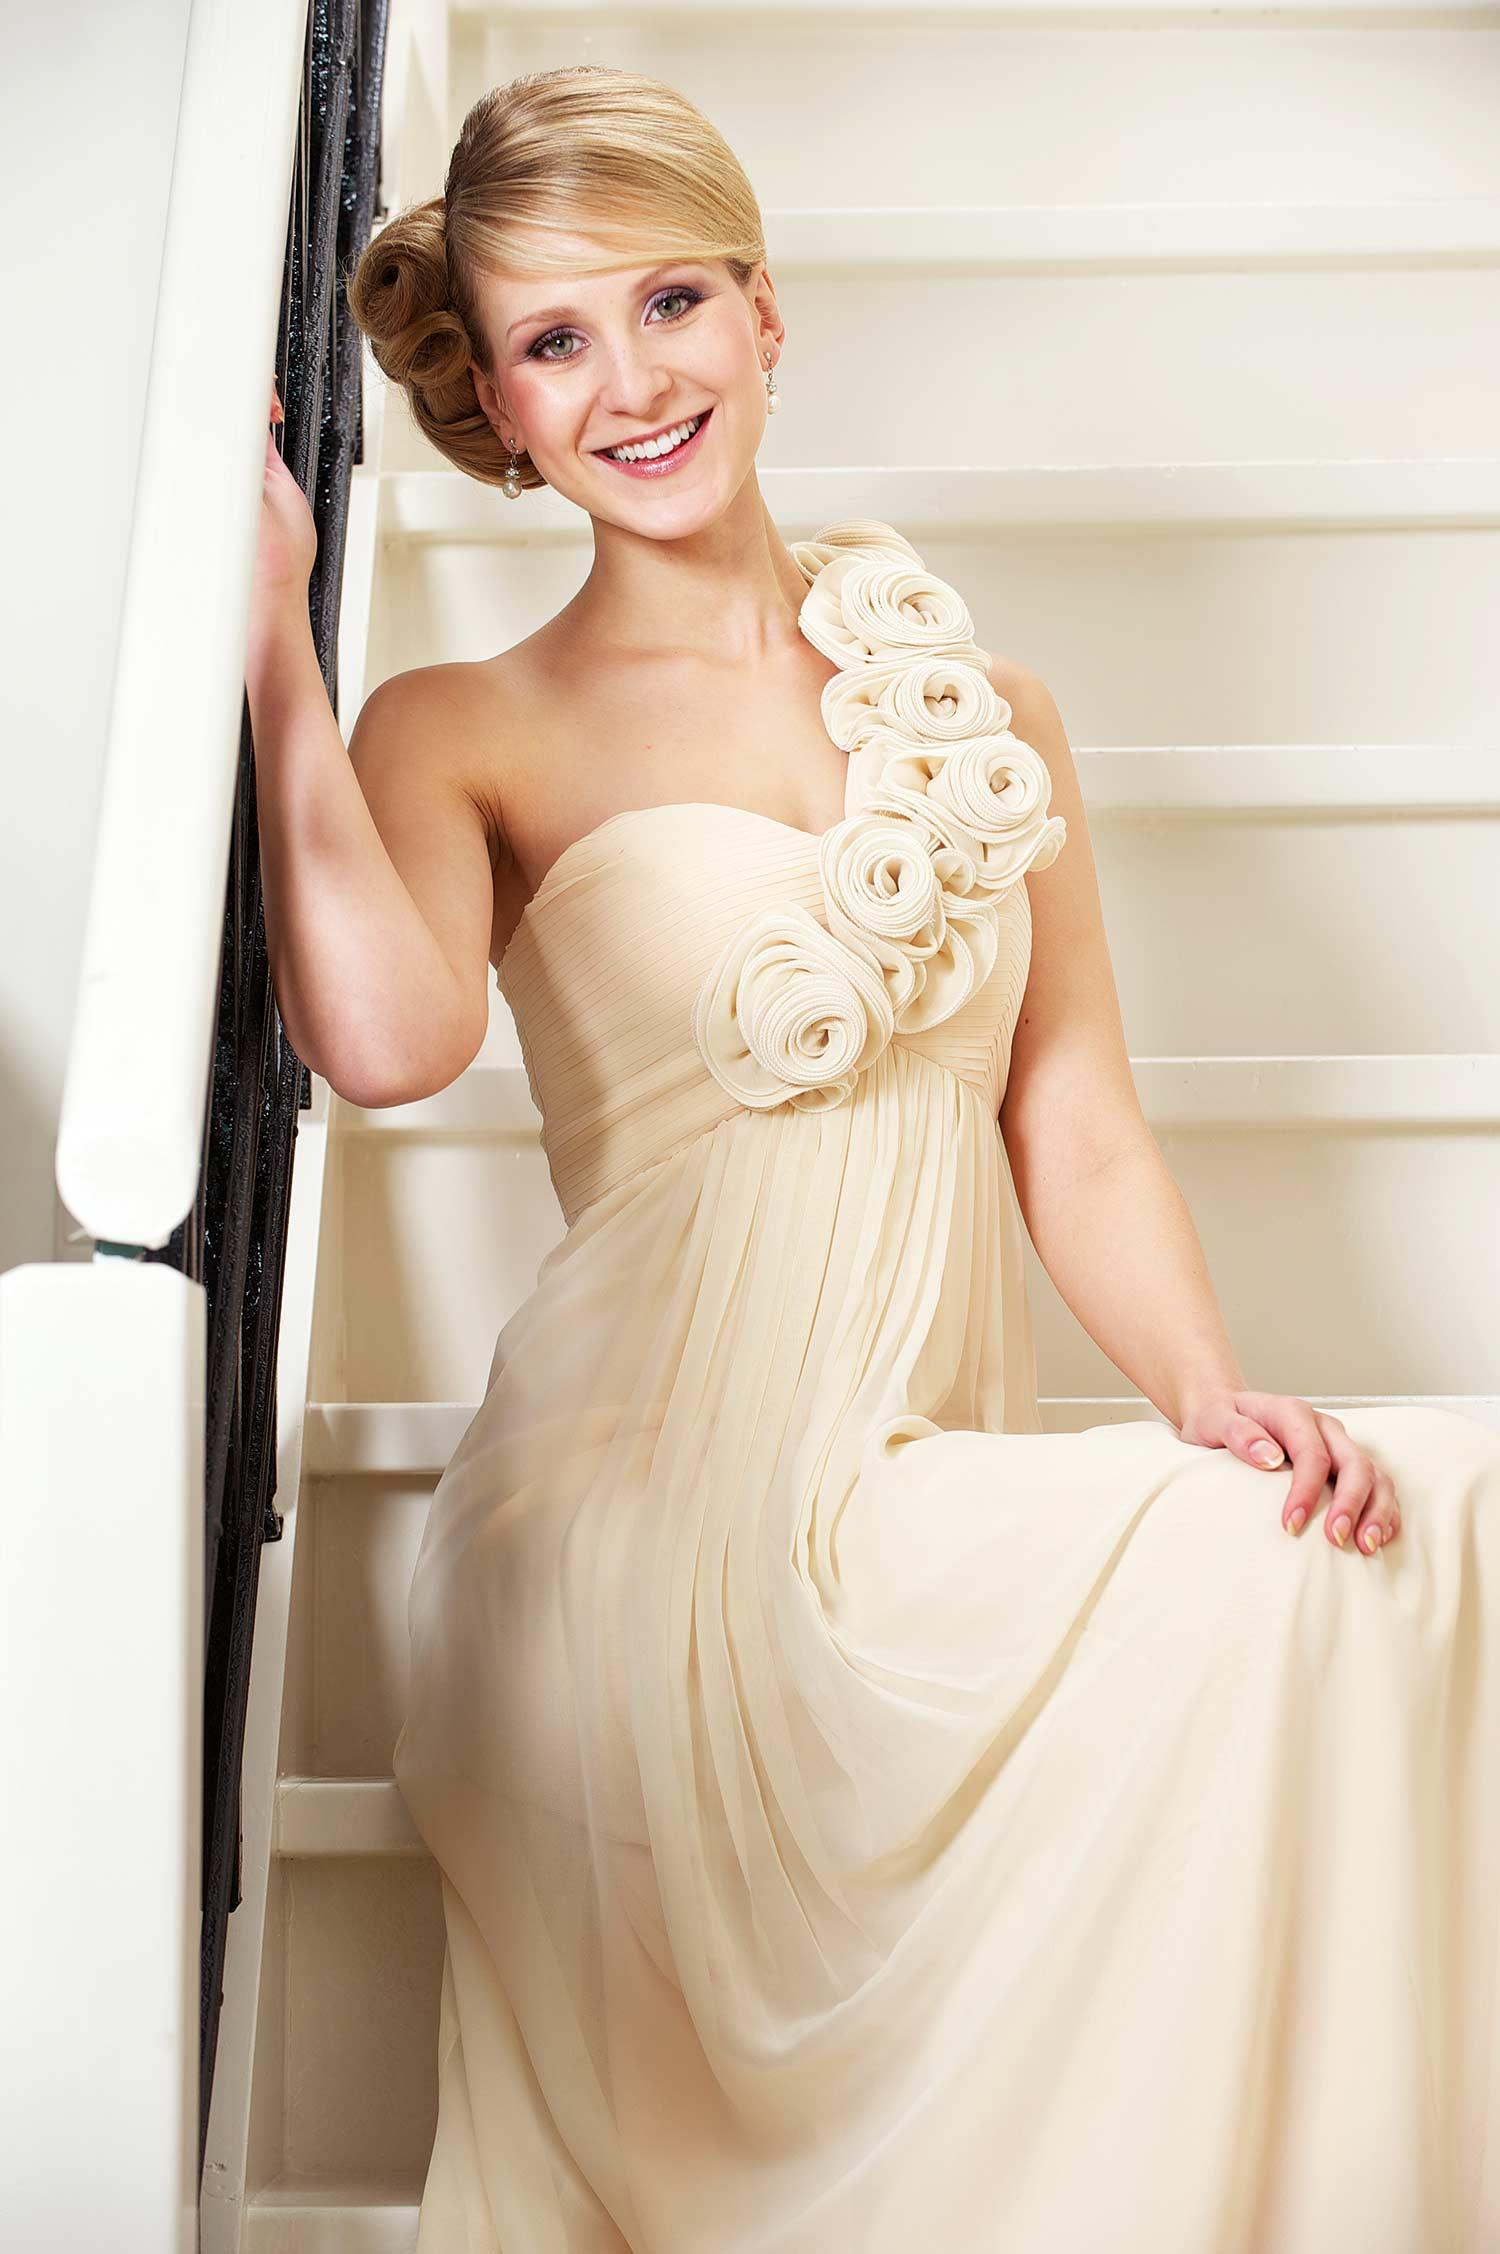 Brautkleid Creme  Styling Tipps zur Brautkleidfarbe Creme